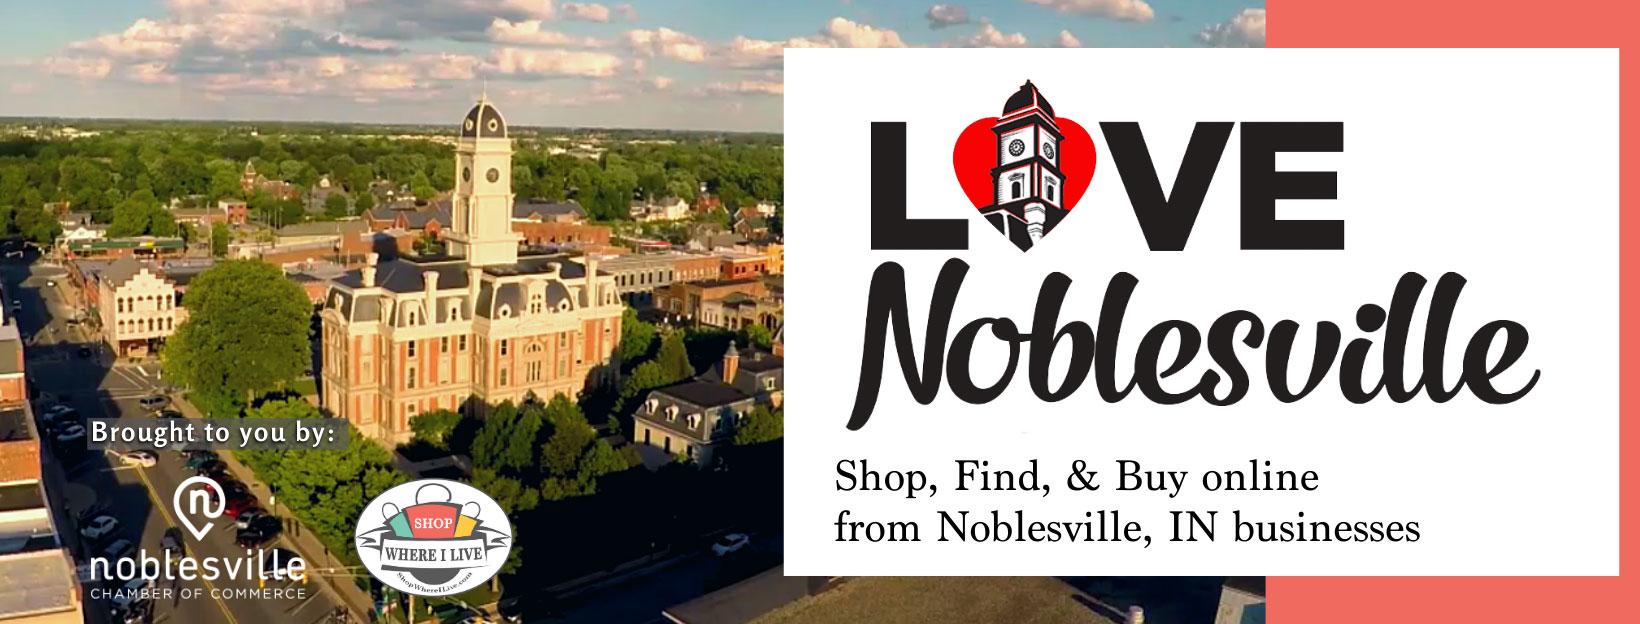 Love-Noblesville-Banner.jpg